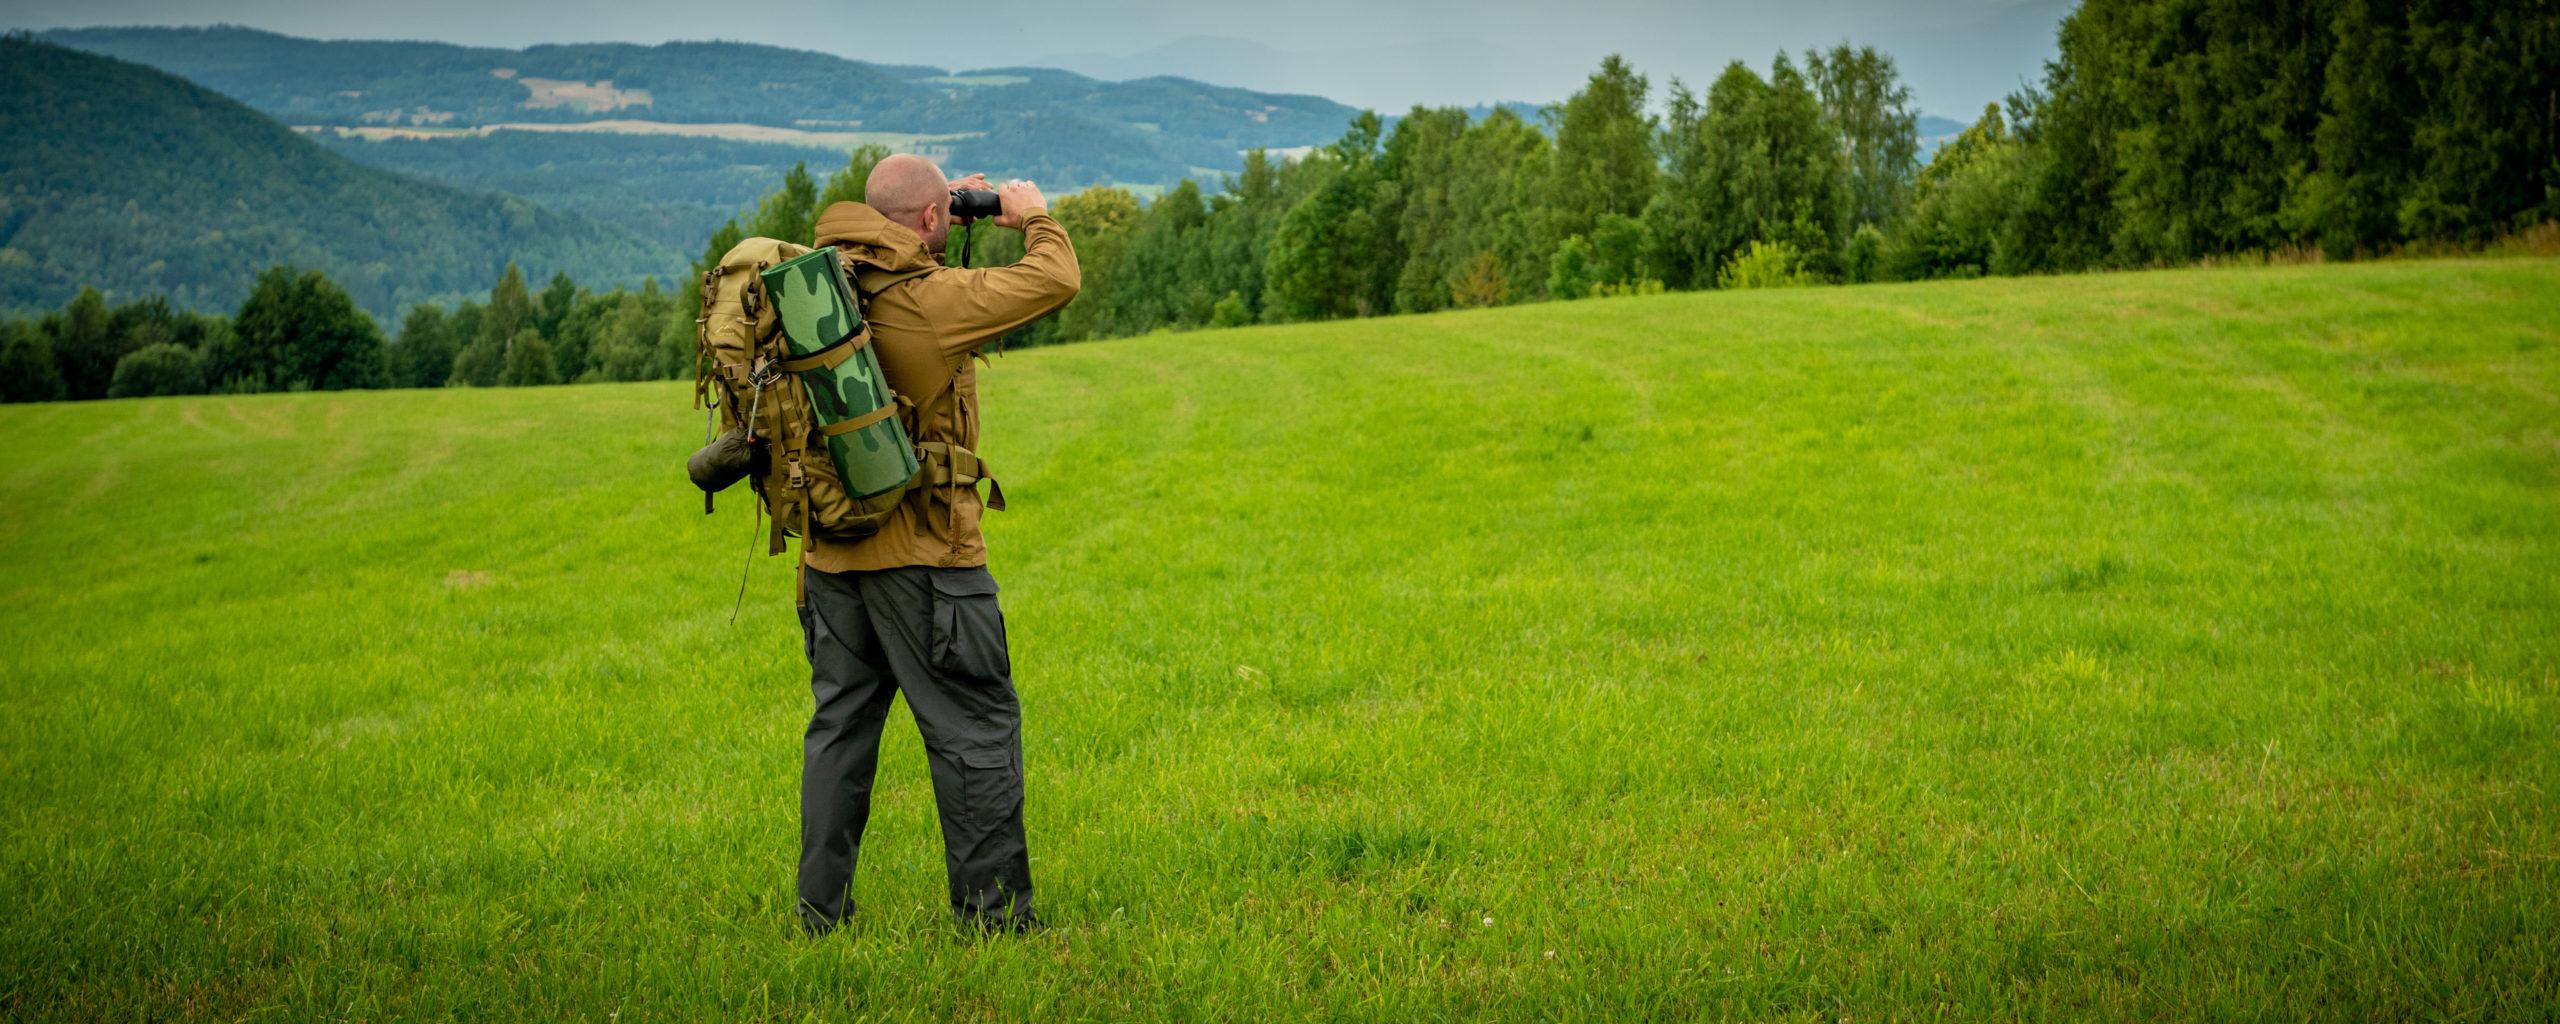 EDC podróżnika. 10 rzeczy, które zawsze powinieneś mieć w plecaku